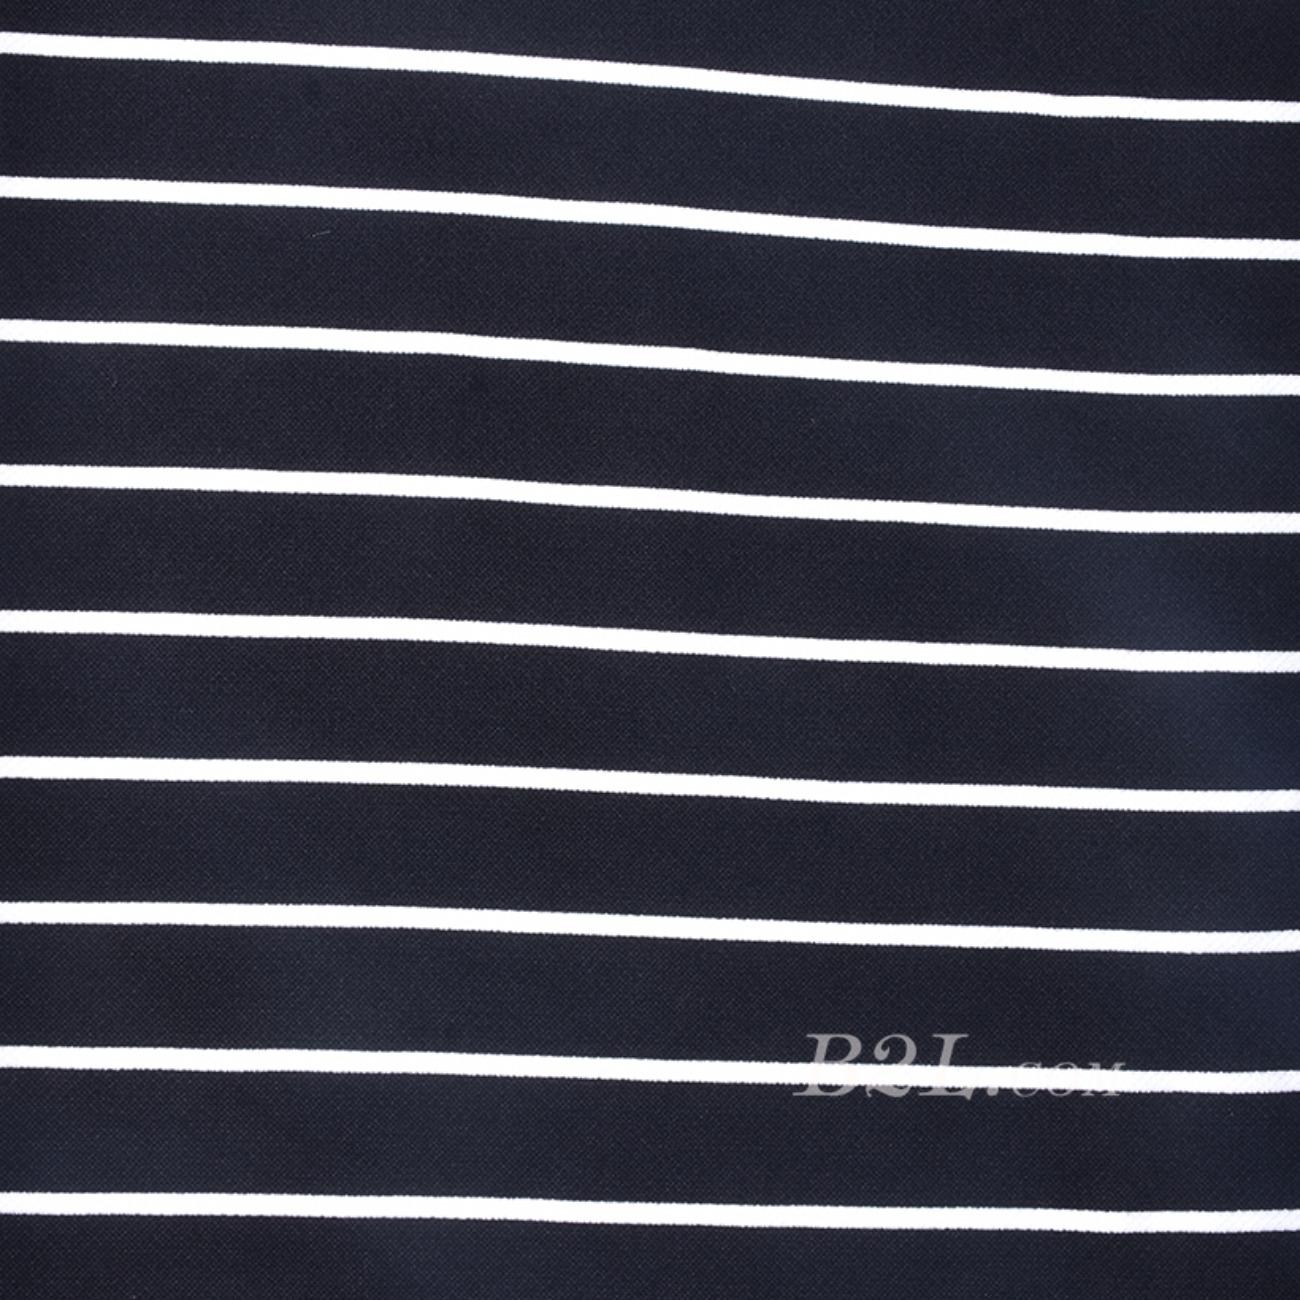 条子 针织 弹力 横条圆机  纬编 T恤 针织衫 连衣裙 棉感 60311-56